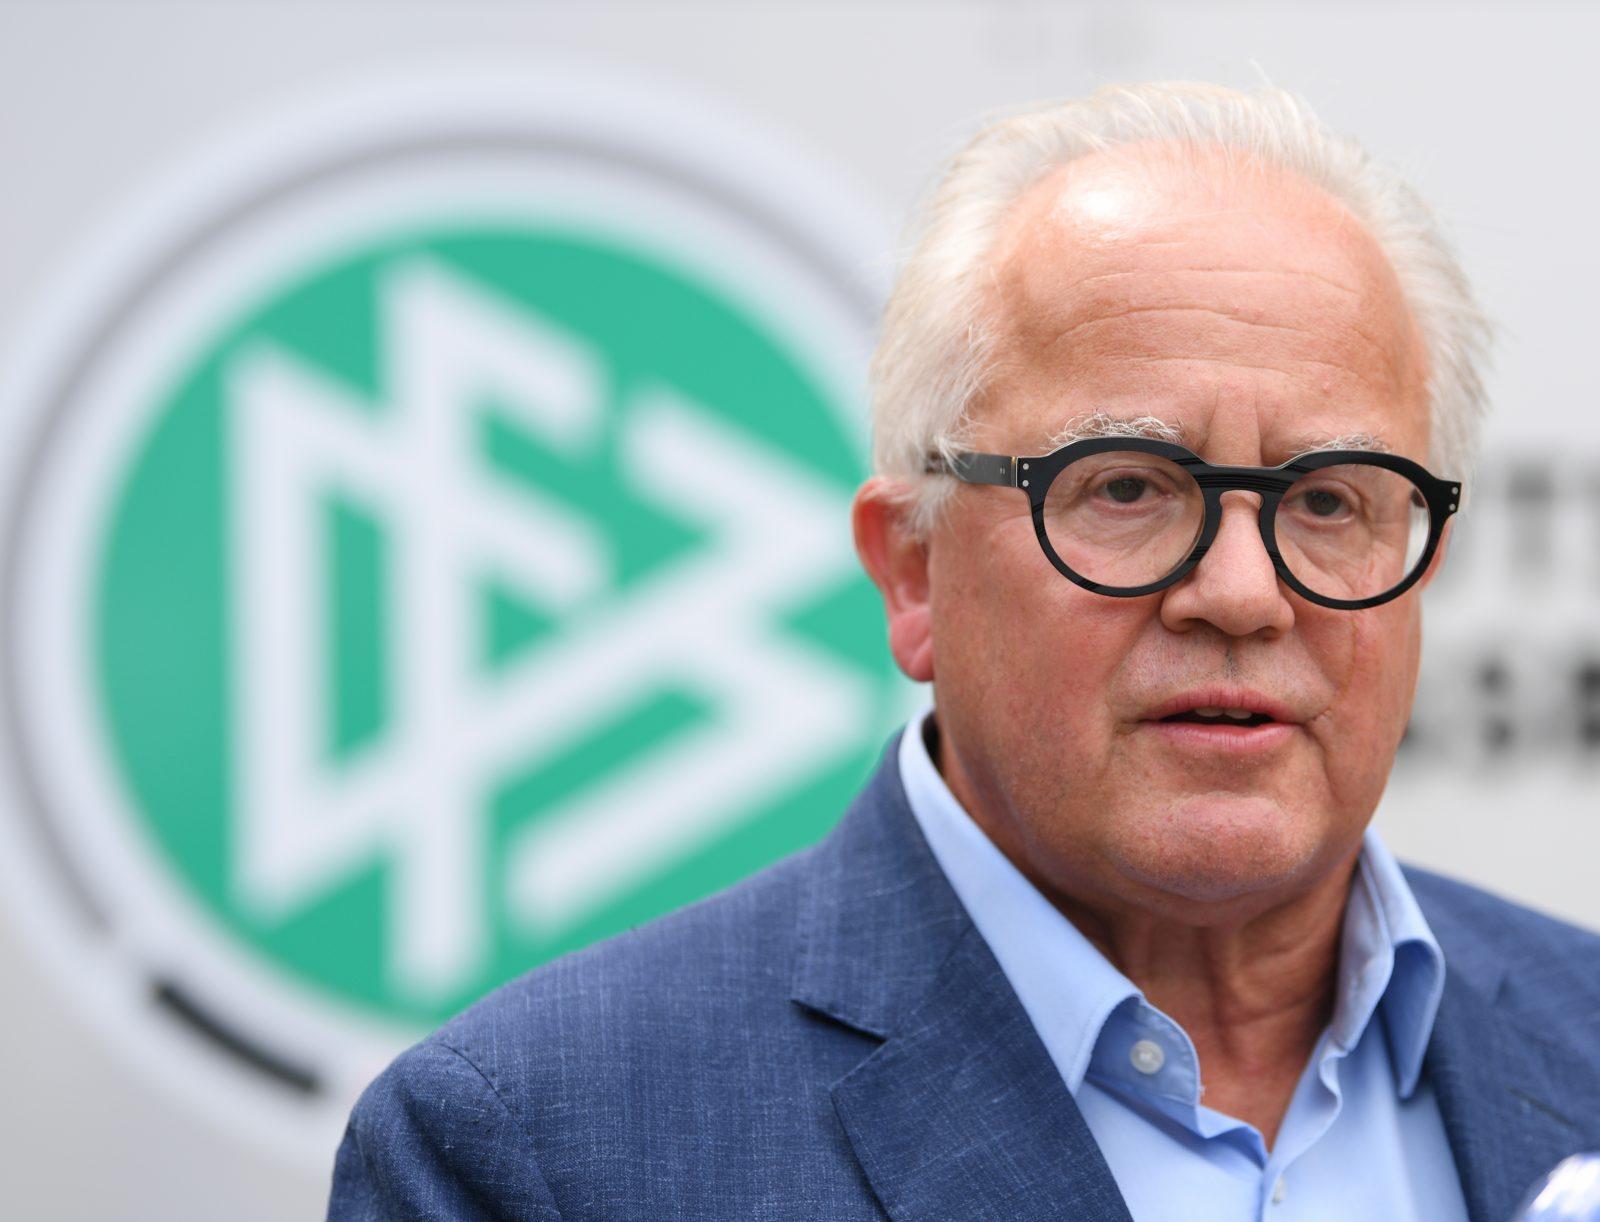 DFB-Präsident Fritz Keller warnt vor einer Politisierung des Sports Foto: picture alliance/Arne Dedert/dpa